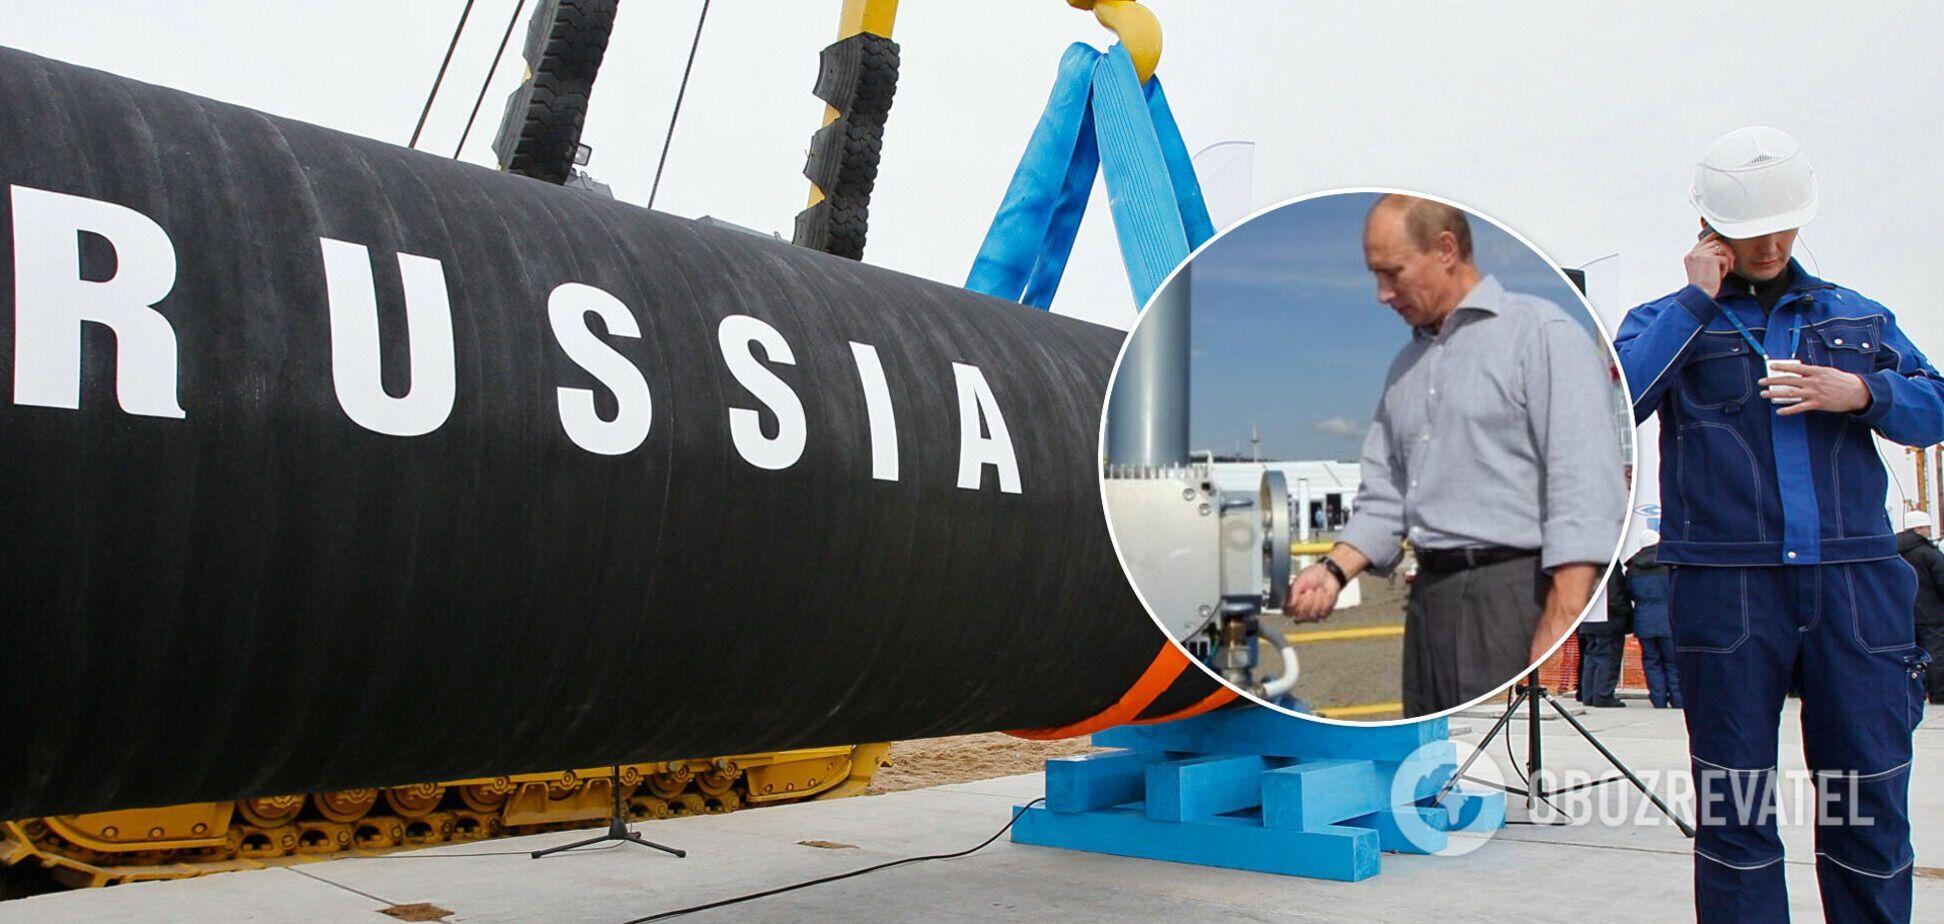 'Северный поток-2' на финальном этапе: РФ заявила, что попытки сорвать проект 'обречены на провал'